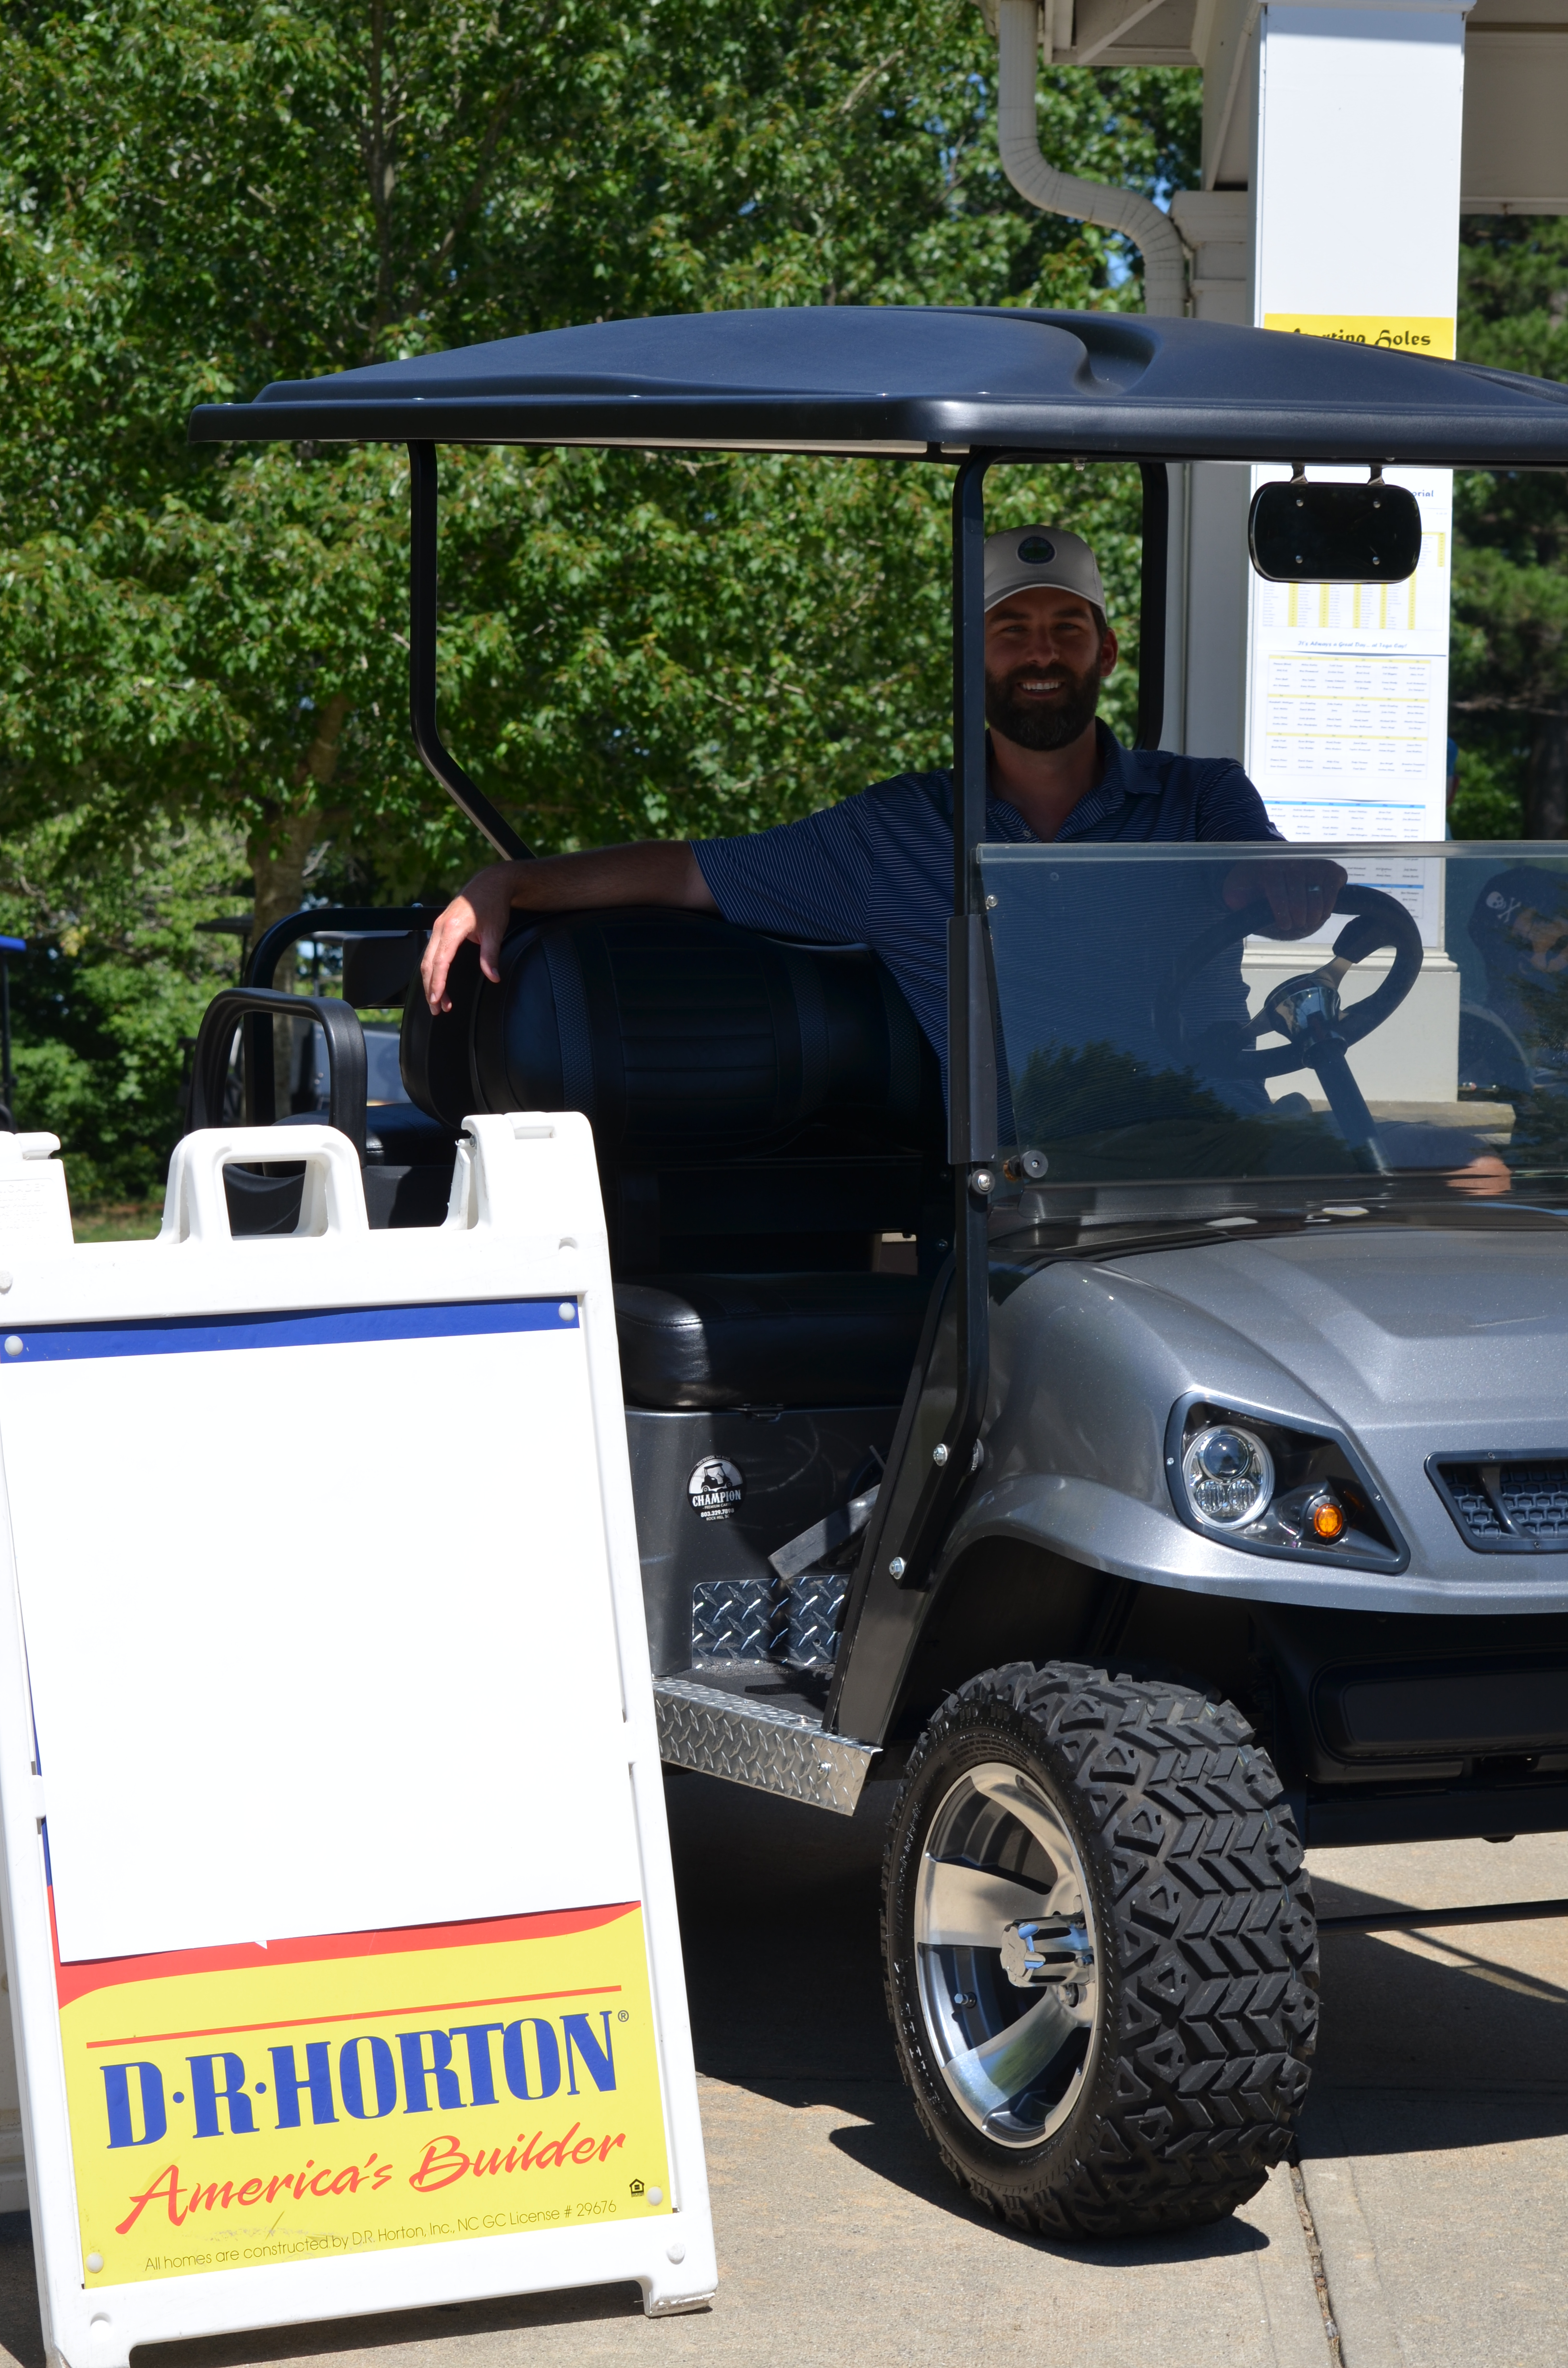 The 6th Annual TEC Dowling Memorial Golf Tournament